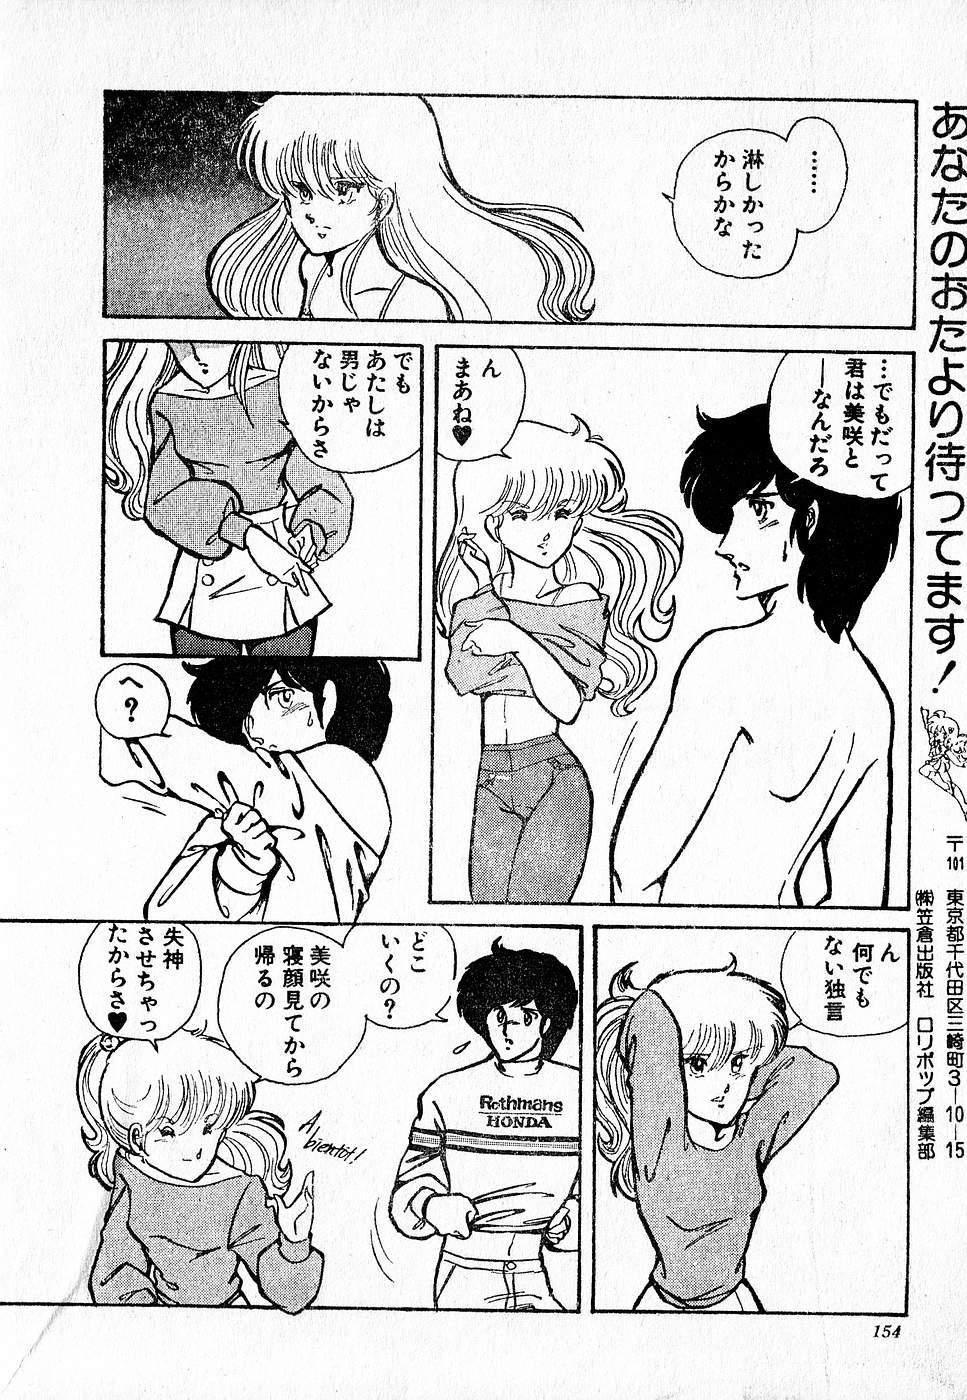 COMIC Lolipop 1985-10 Soukanjunbigou Aki 153